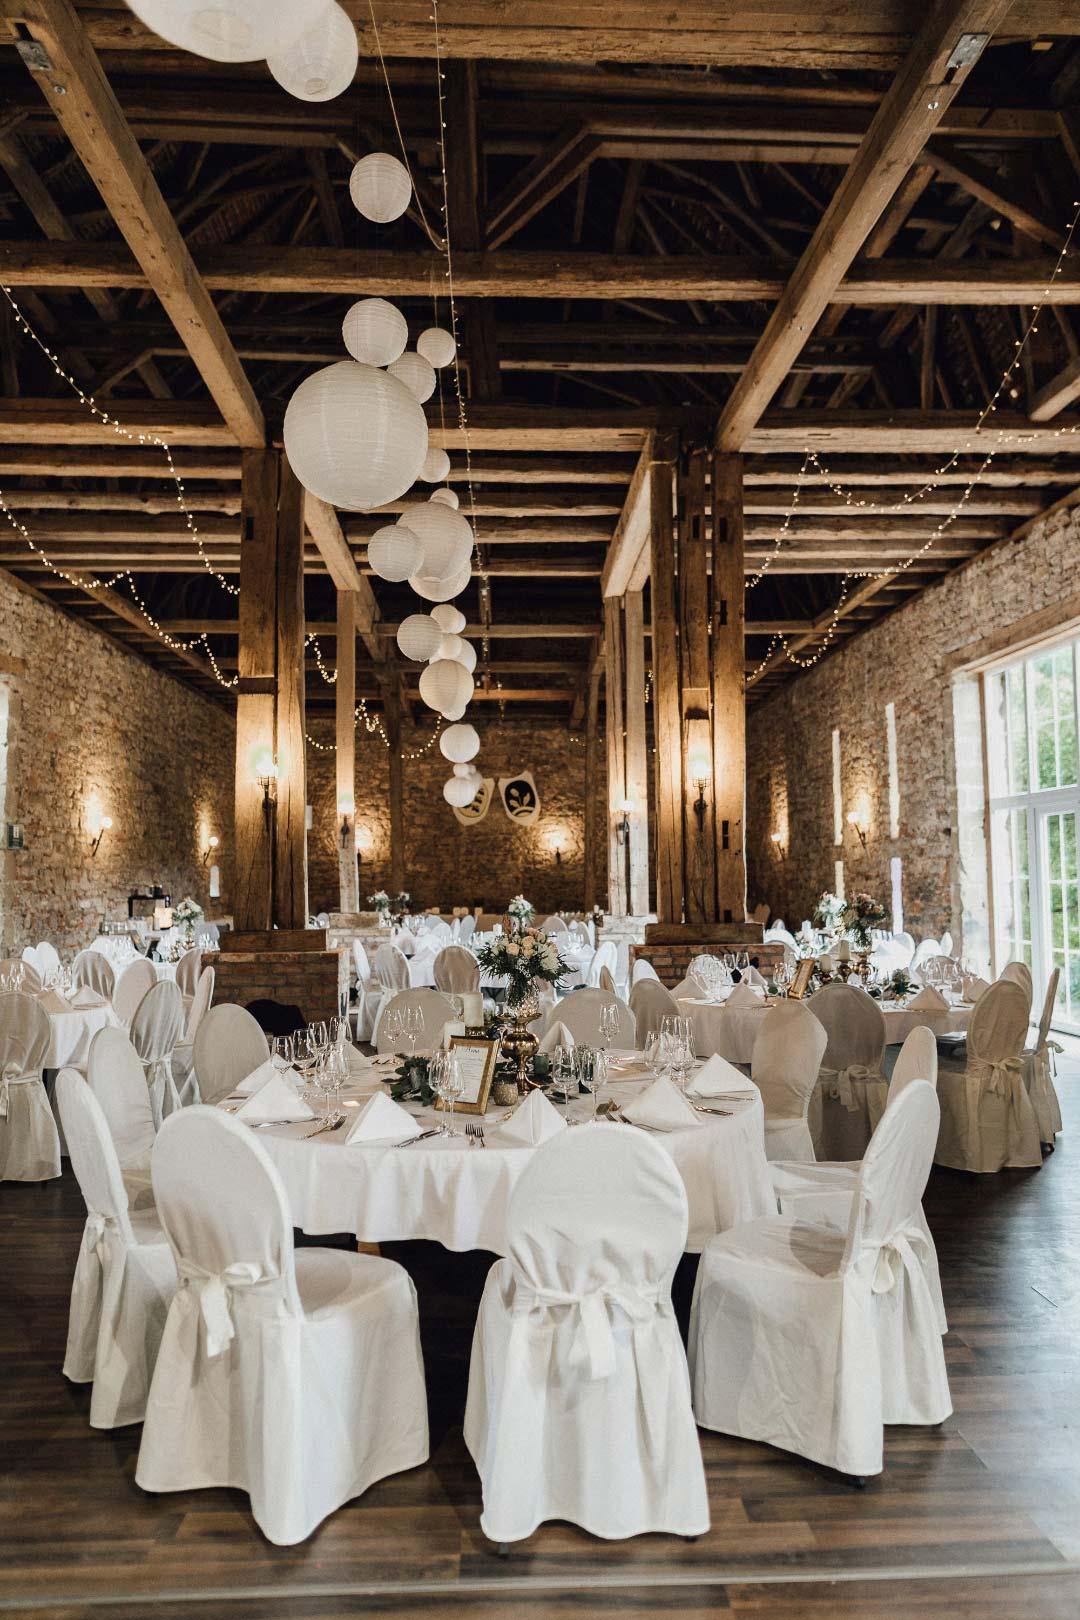 Alles vorbereitet für die Hochzeitsfeier mit in Hussen gehüllte Stühle und PomPoms an der Decke